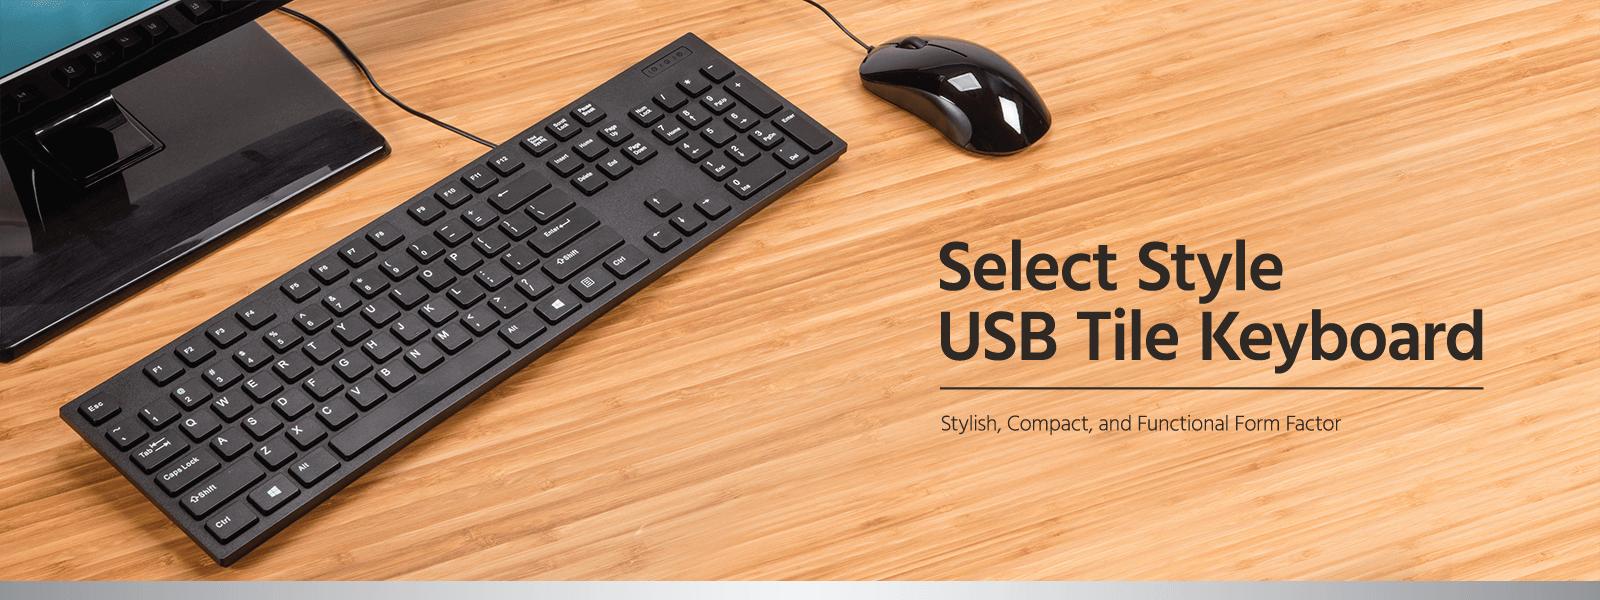 Select Style USB Tile Keyboard